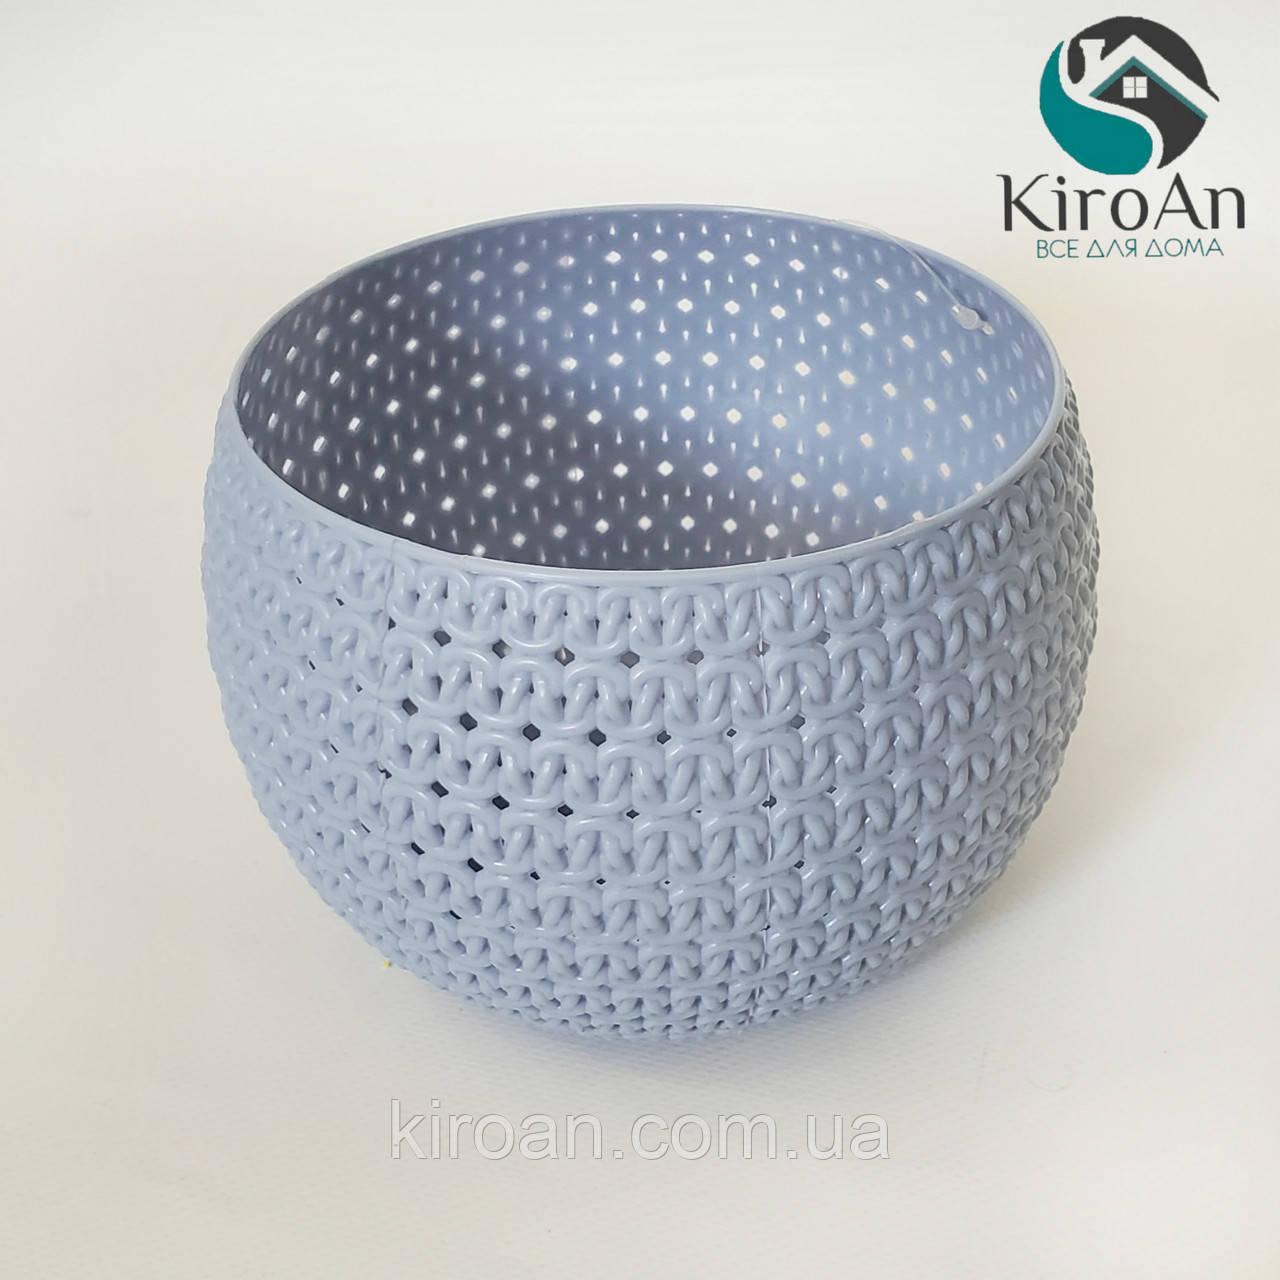 """Голубая корзинка """"Шар"""" (Вязка) для хранения различных мелочей 11 х 15 см Tuppex,Турция"""